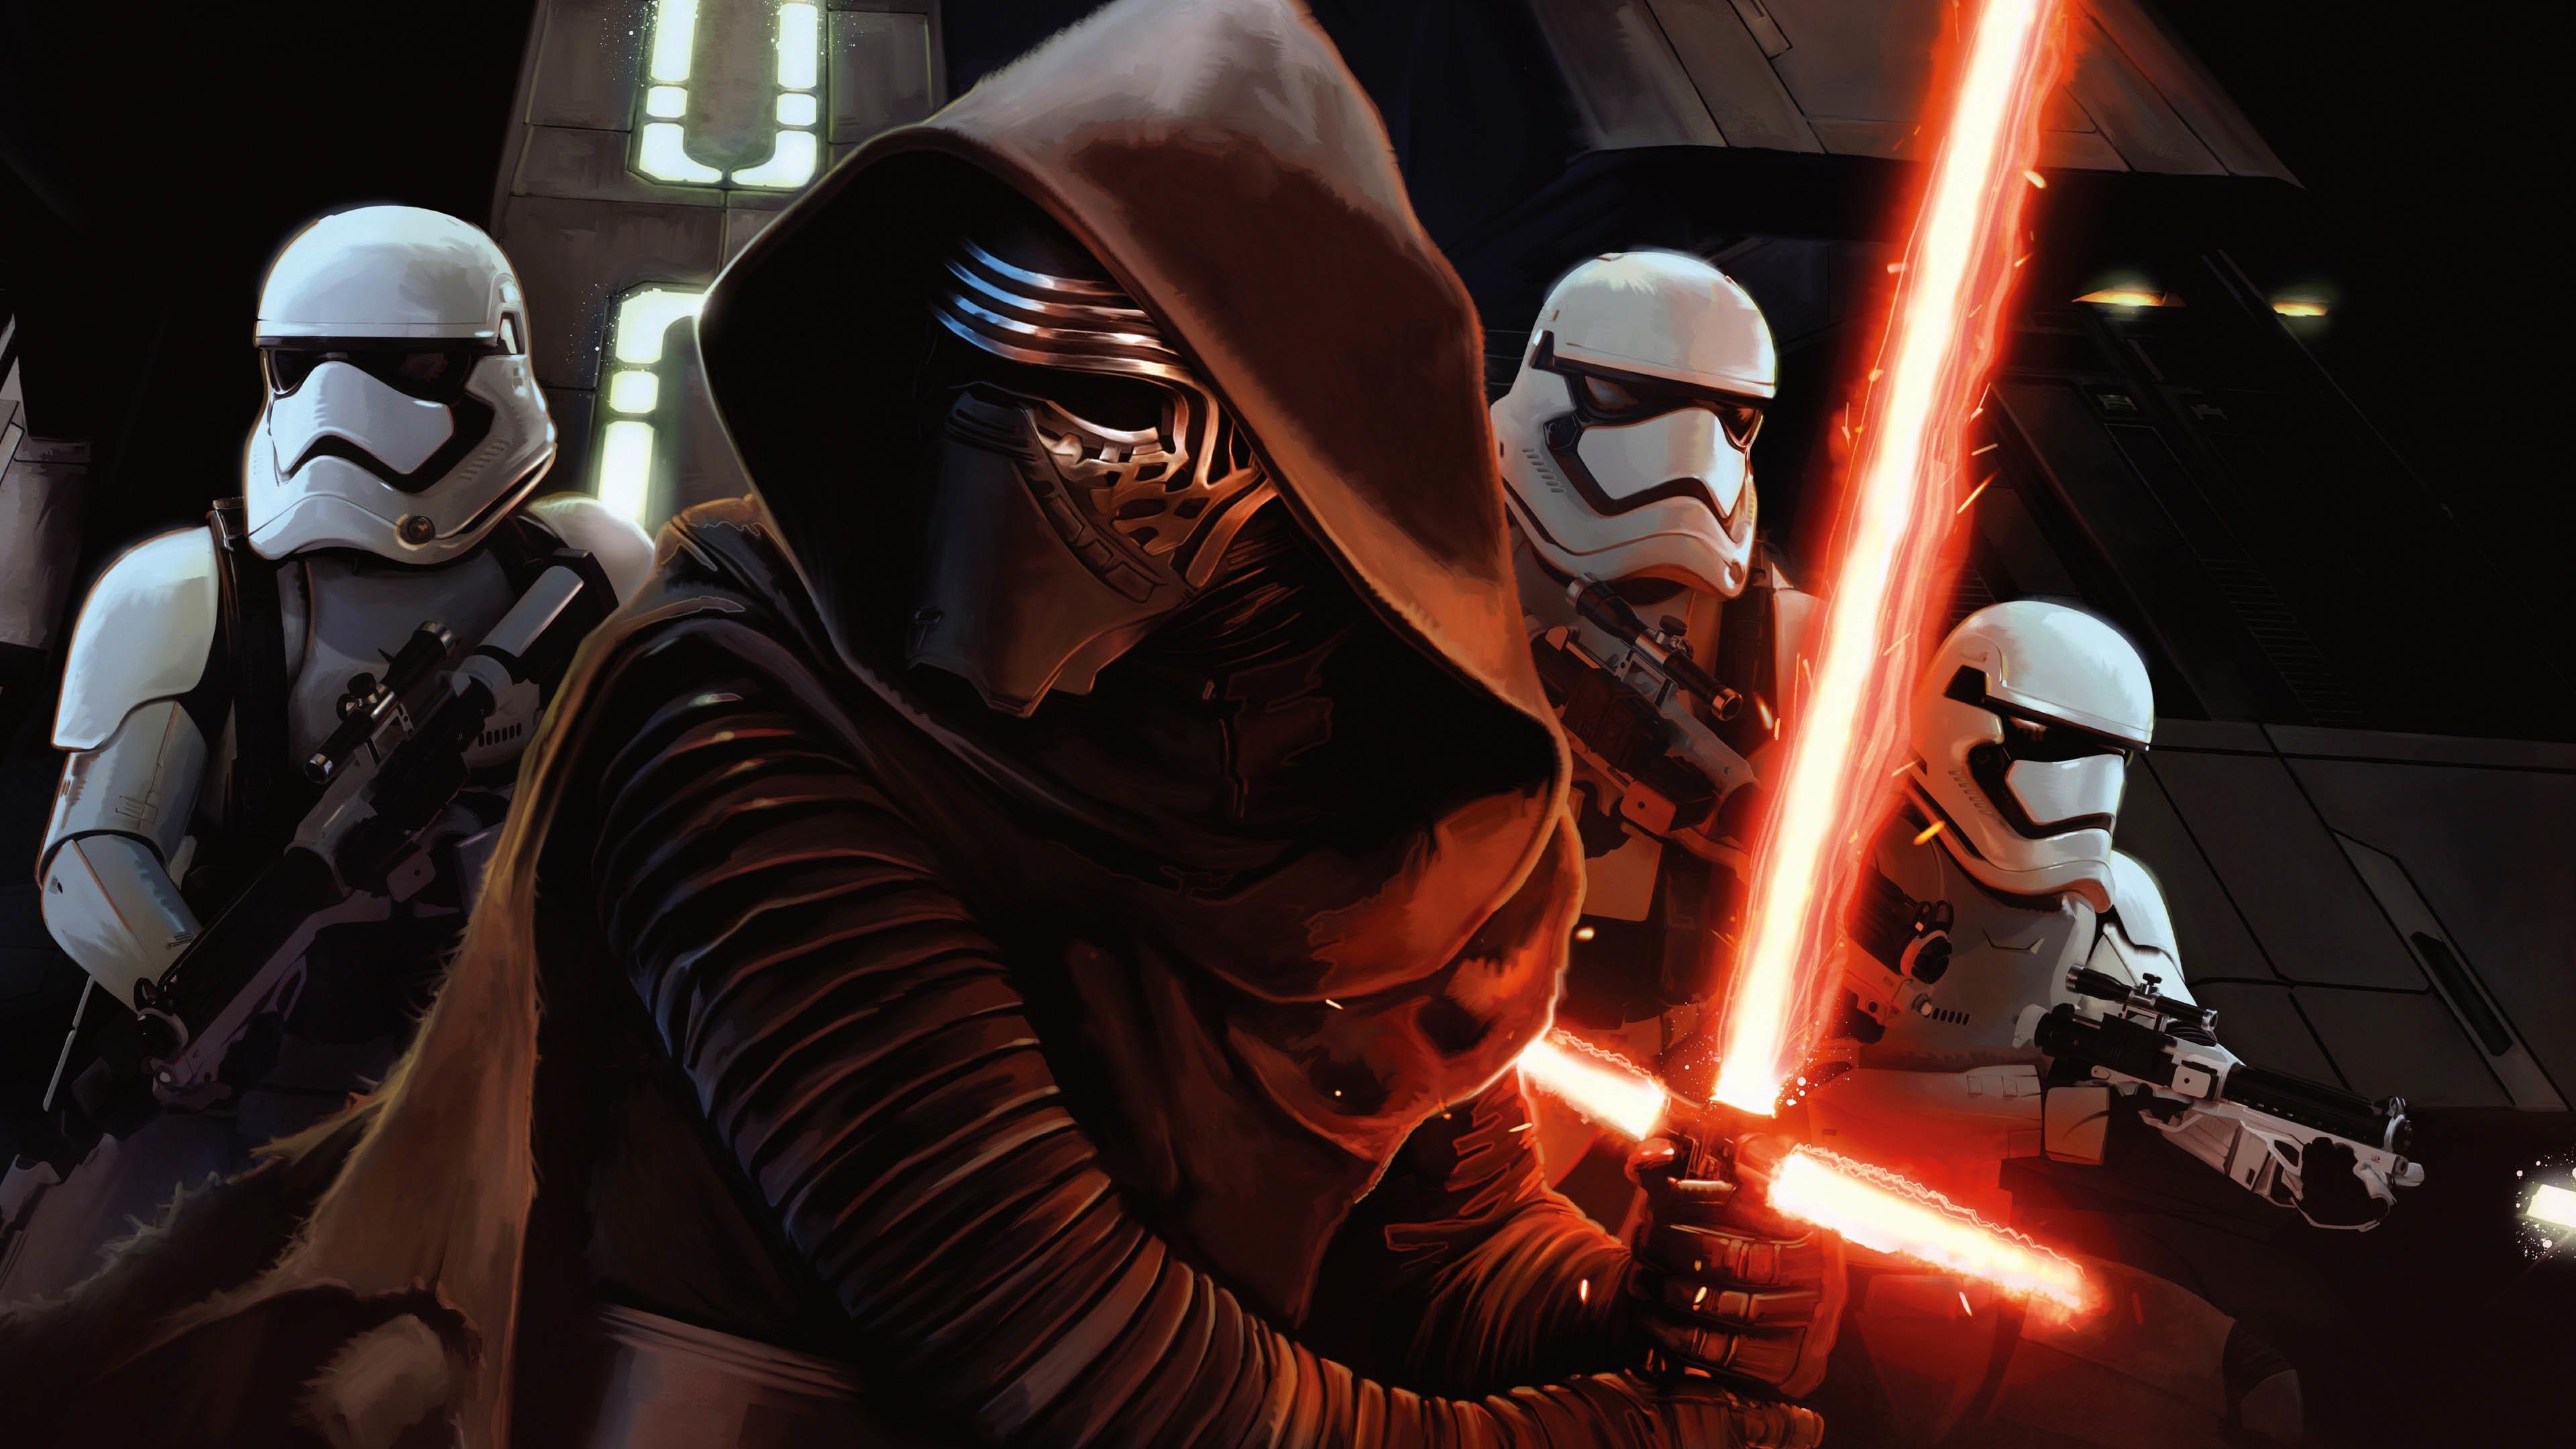 Kylo Ren & Stormtroopers – Star Wars: The Force Awakens wallpaper